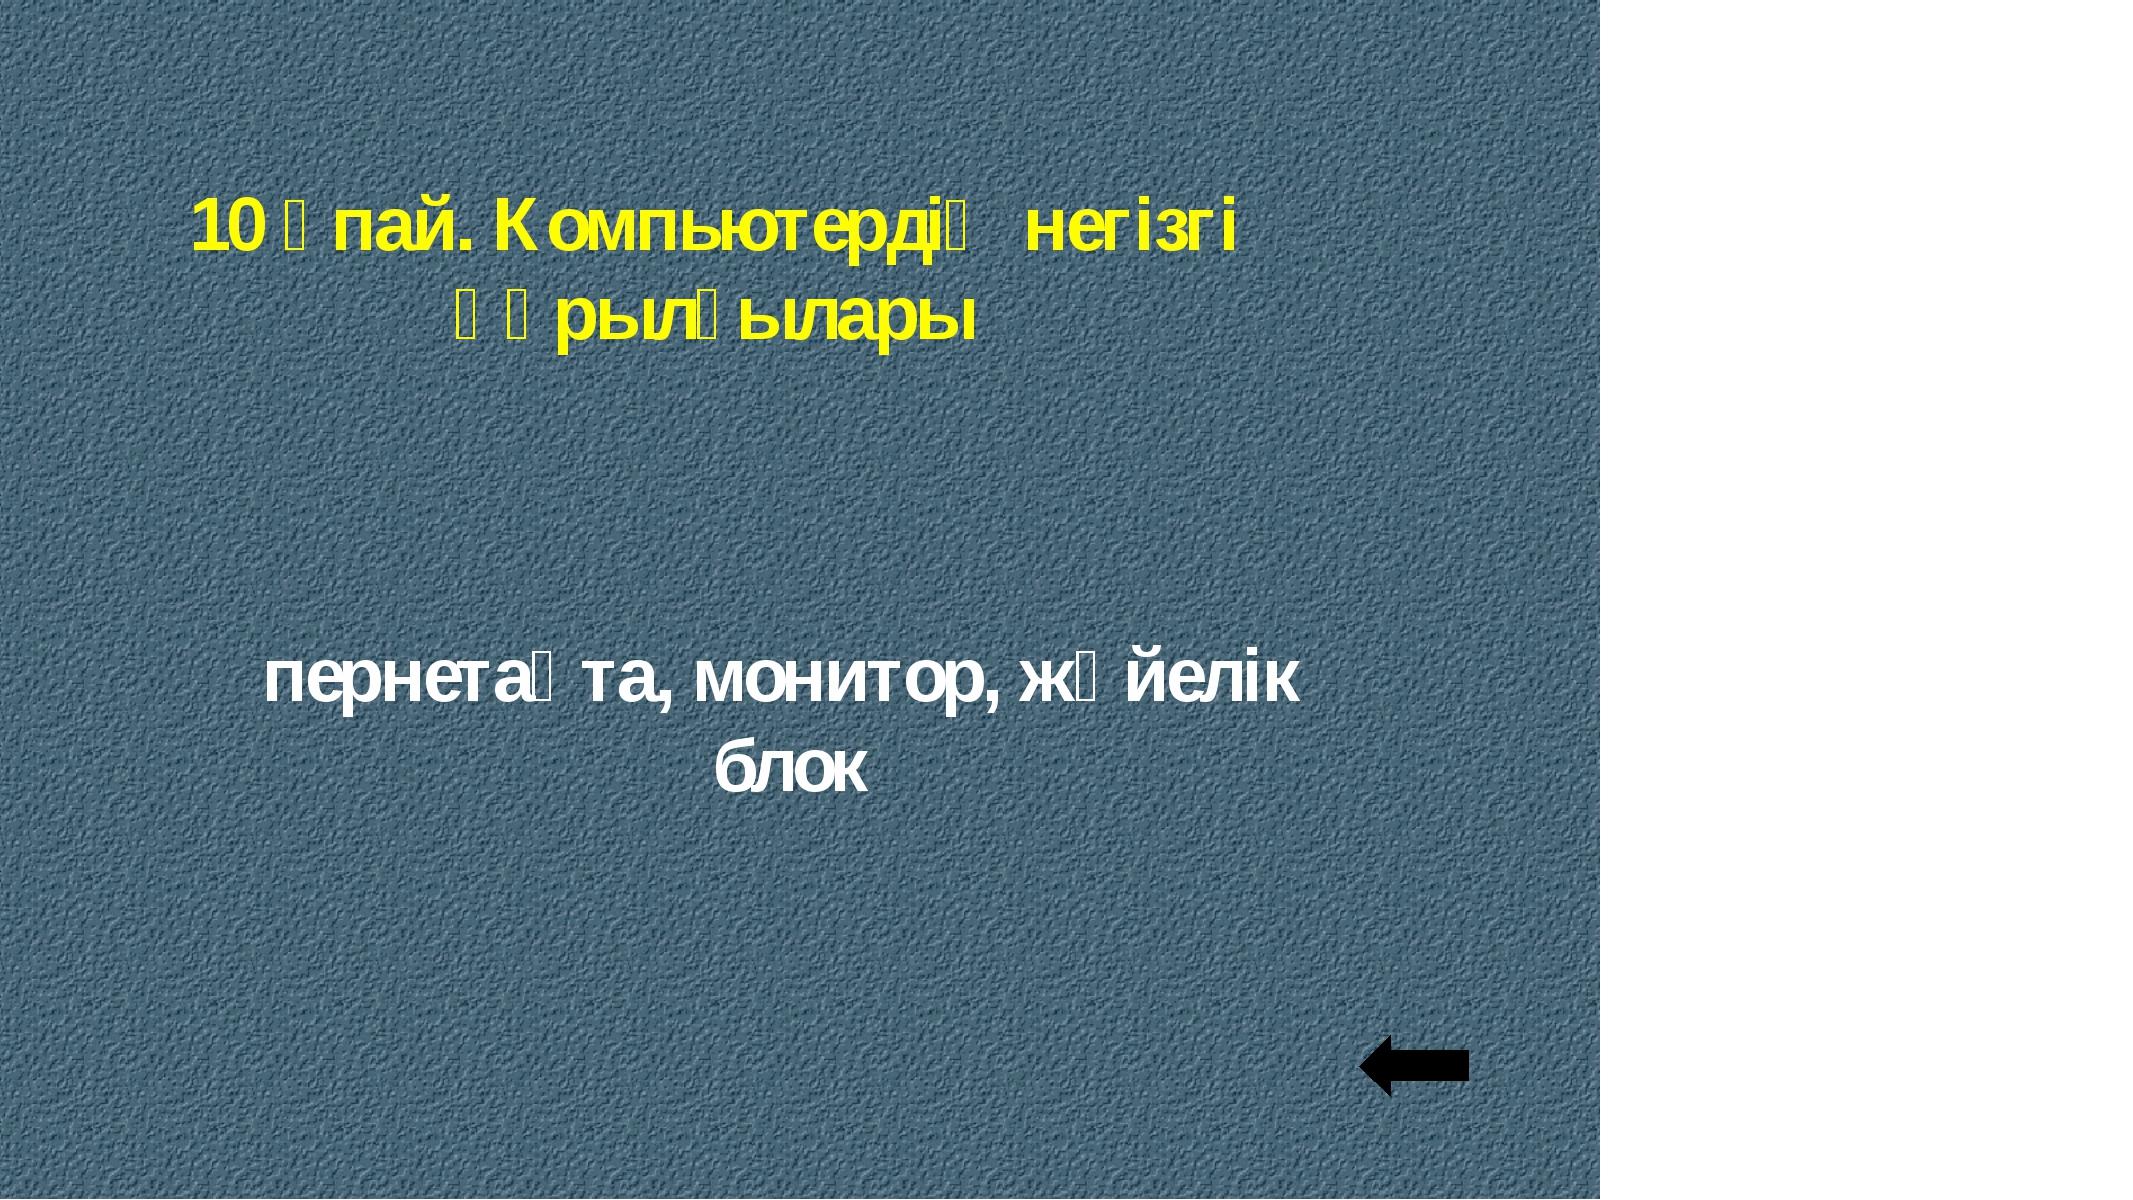 10 ұпай. Компьютердің негізгі құрылғылары пернетақта, монитор, жүйелік блок